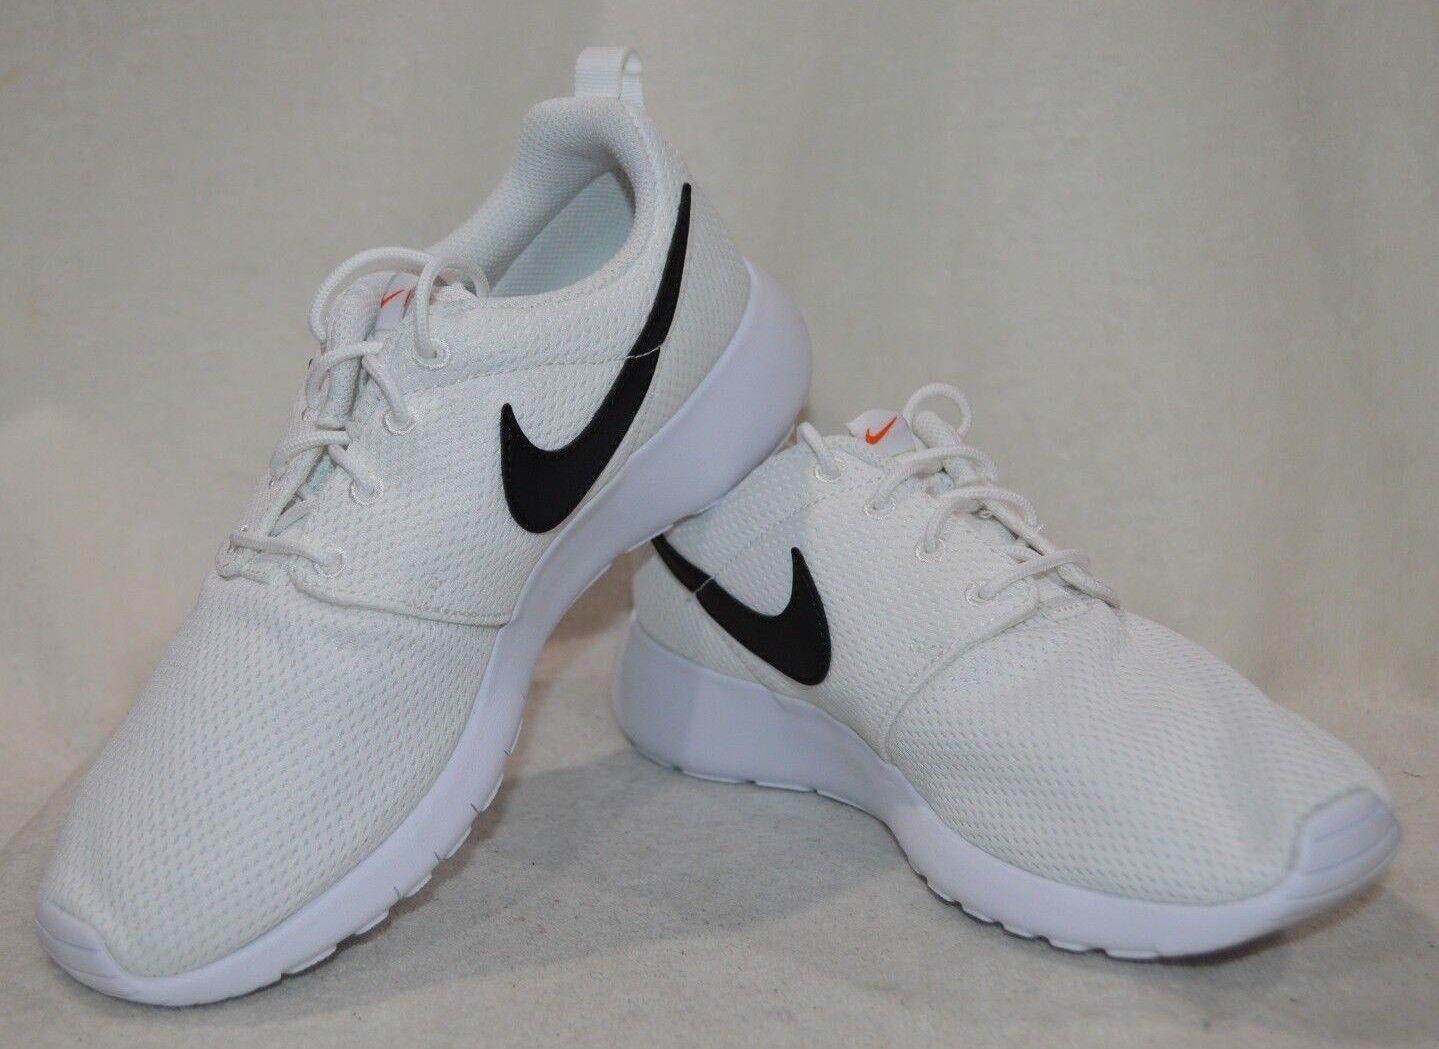 Nike Roshe One (GS) White/Black/Orange